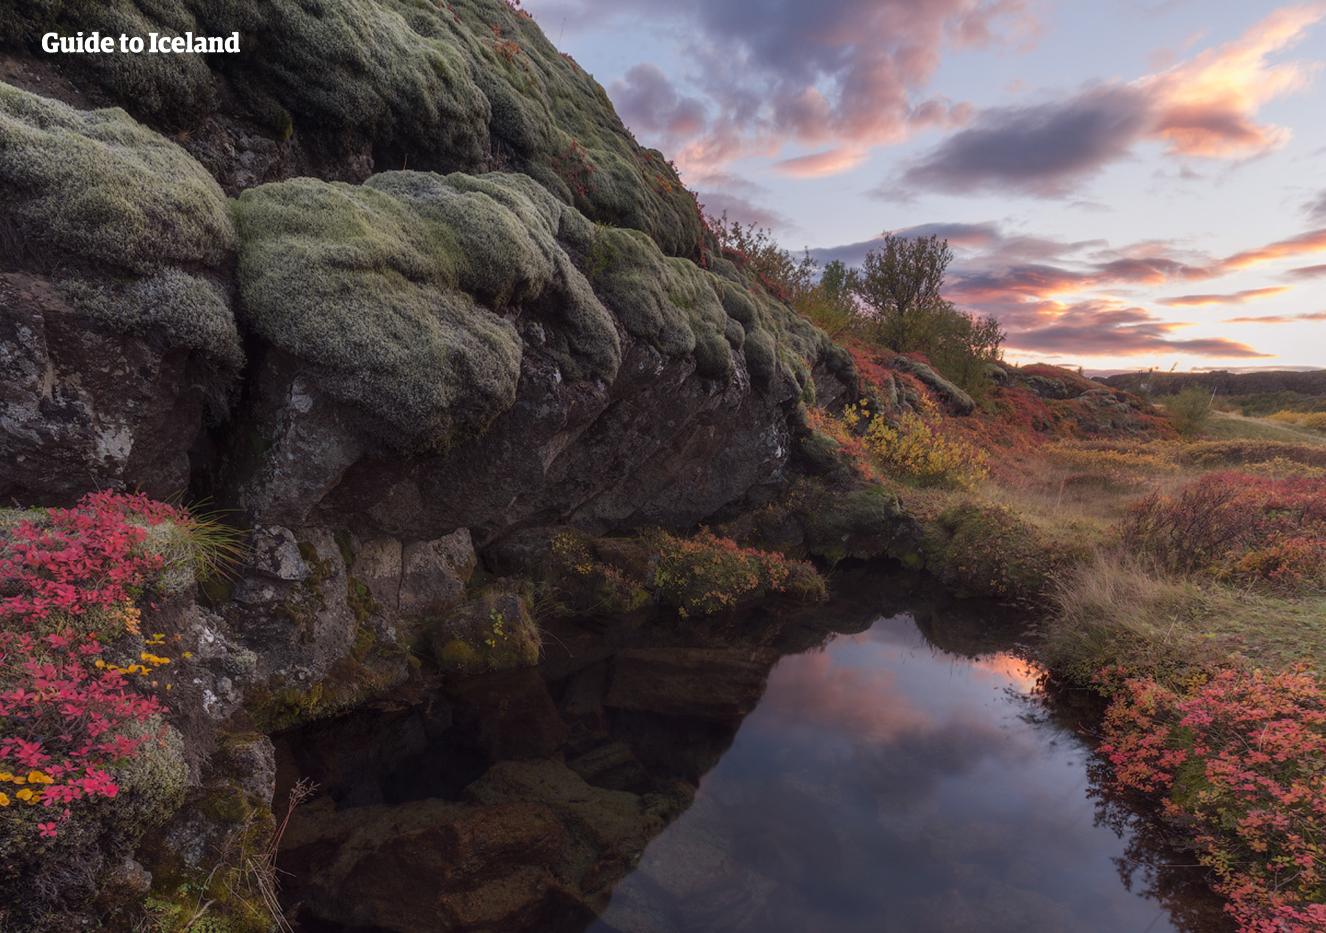 Thingvellir ist ein Ort mit großer kultureller Bedeutung für die Isländer und er gilt sogar als Geburtsstätte der isländischen Nation.